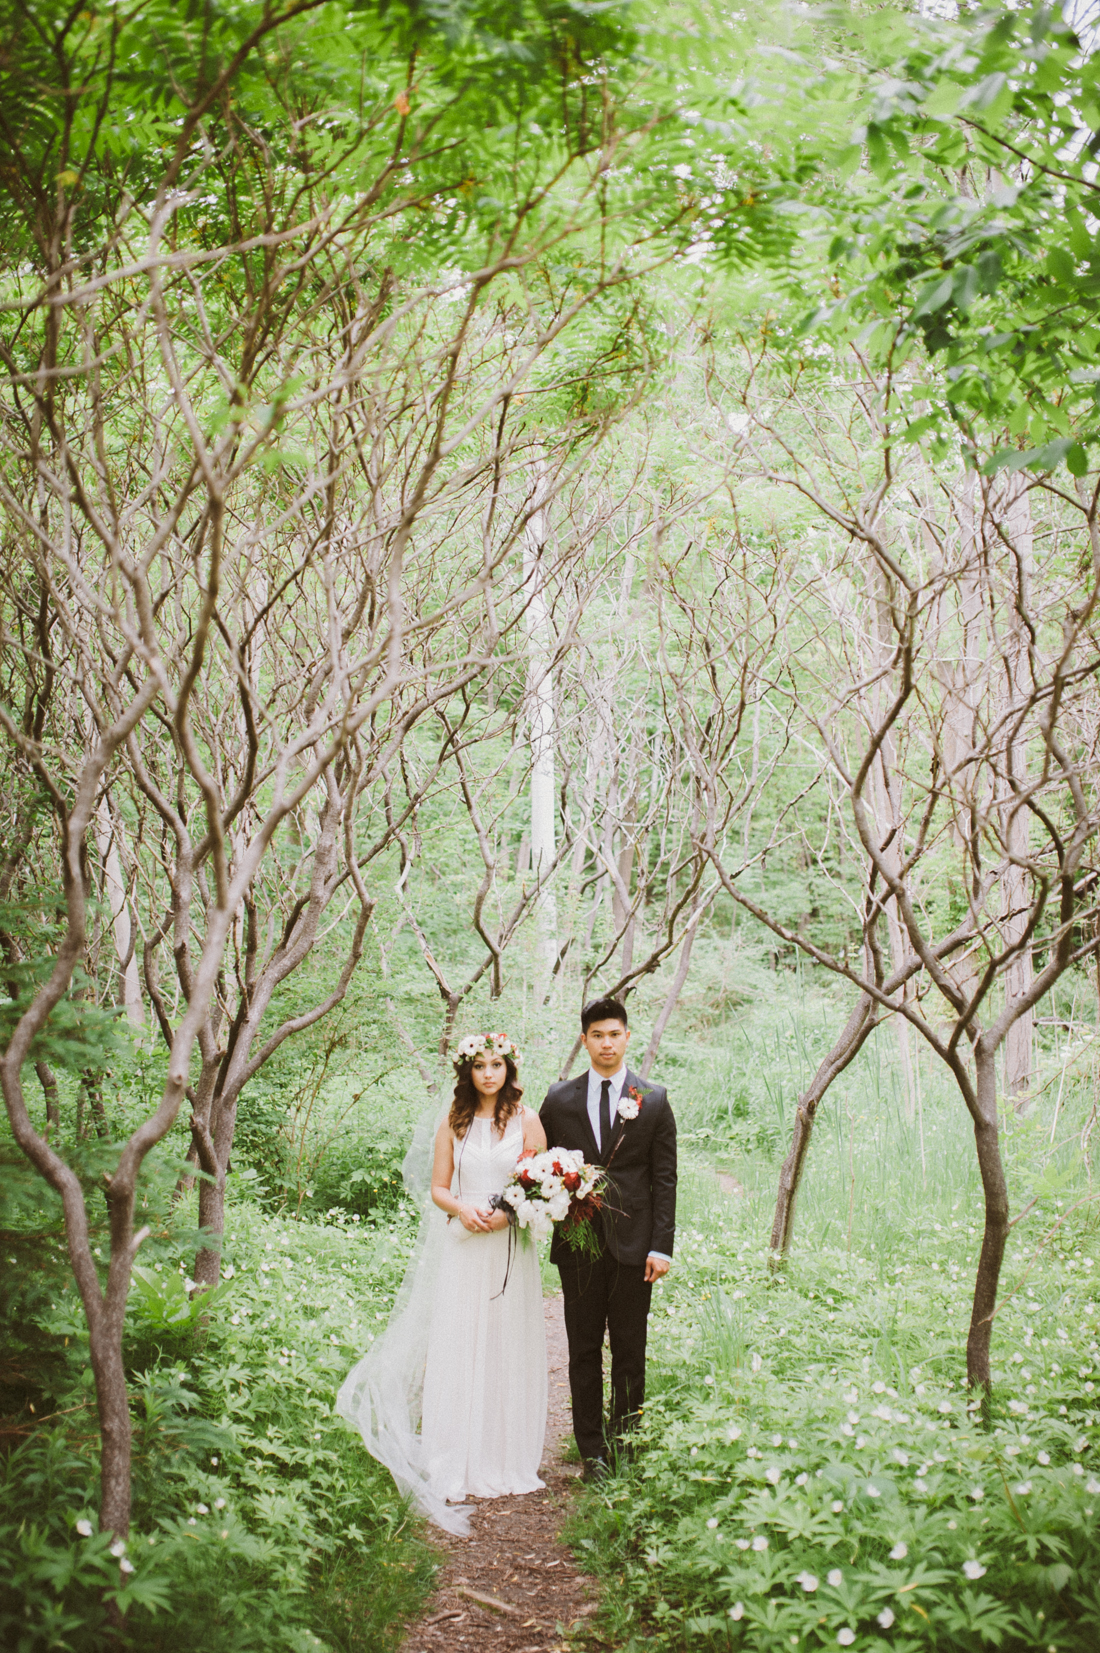 derekhui-wedding-mj-websize-319.jpg